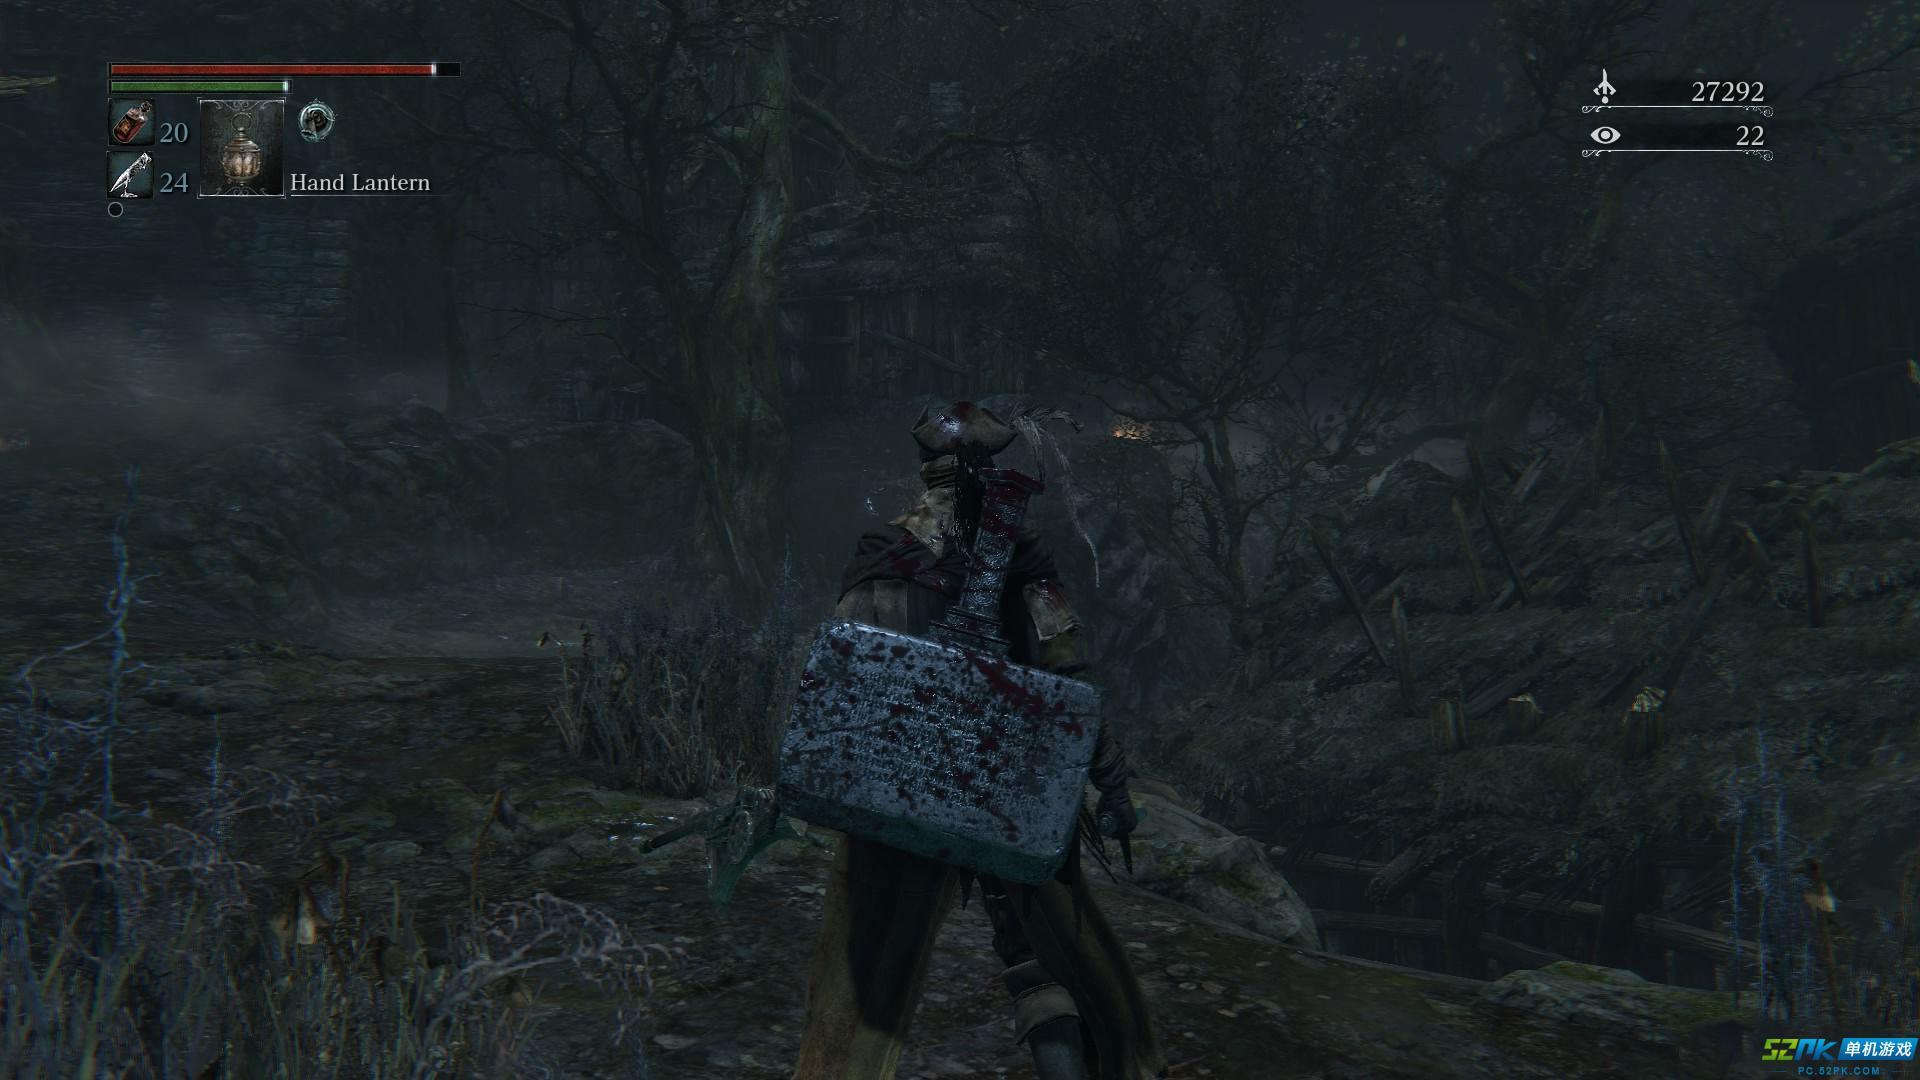 哥特古堡的血色之吻 血源详细游戏评测